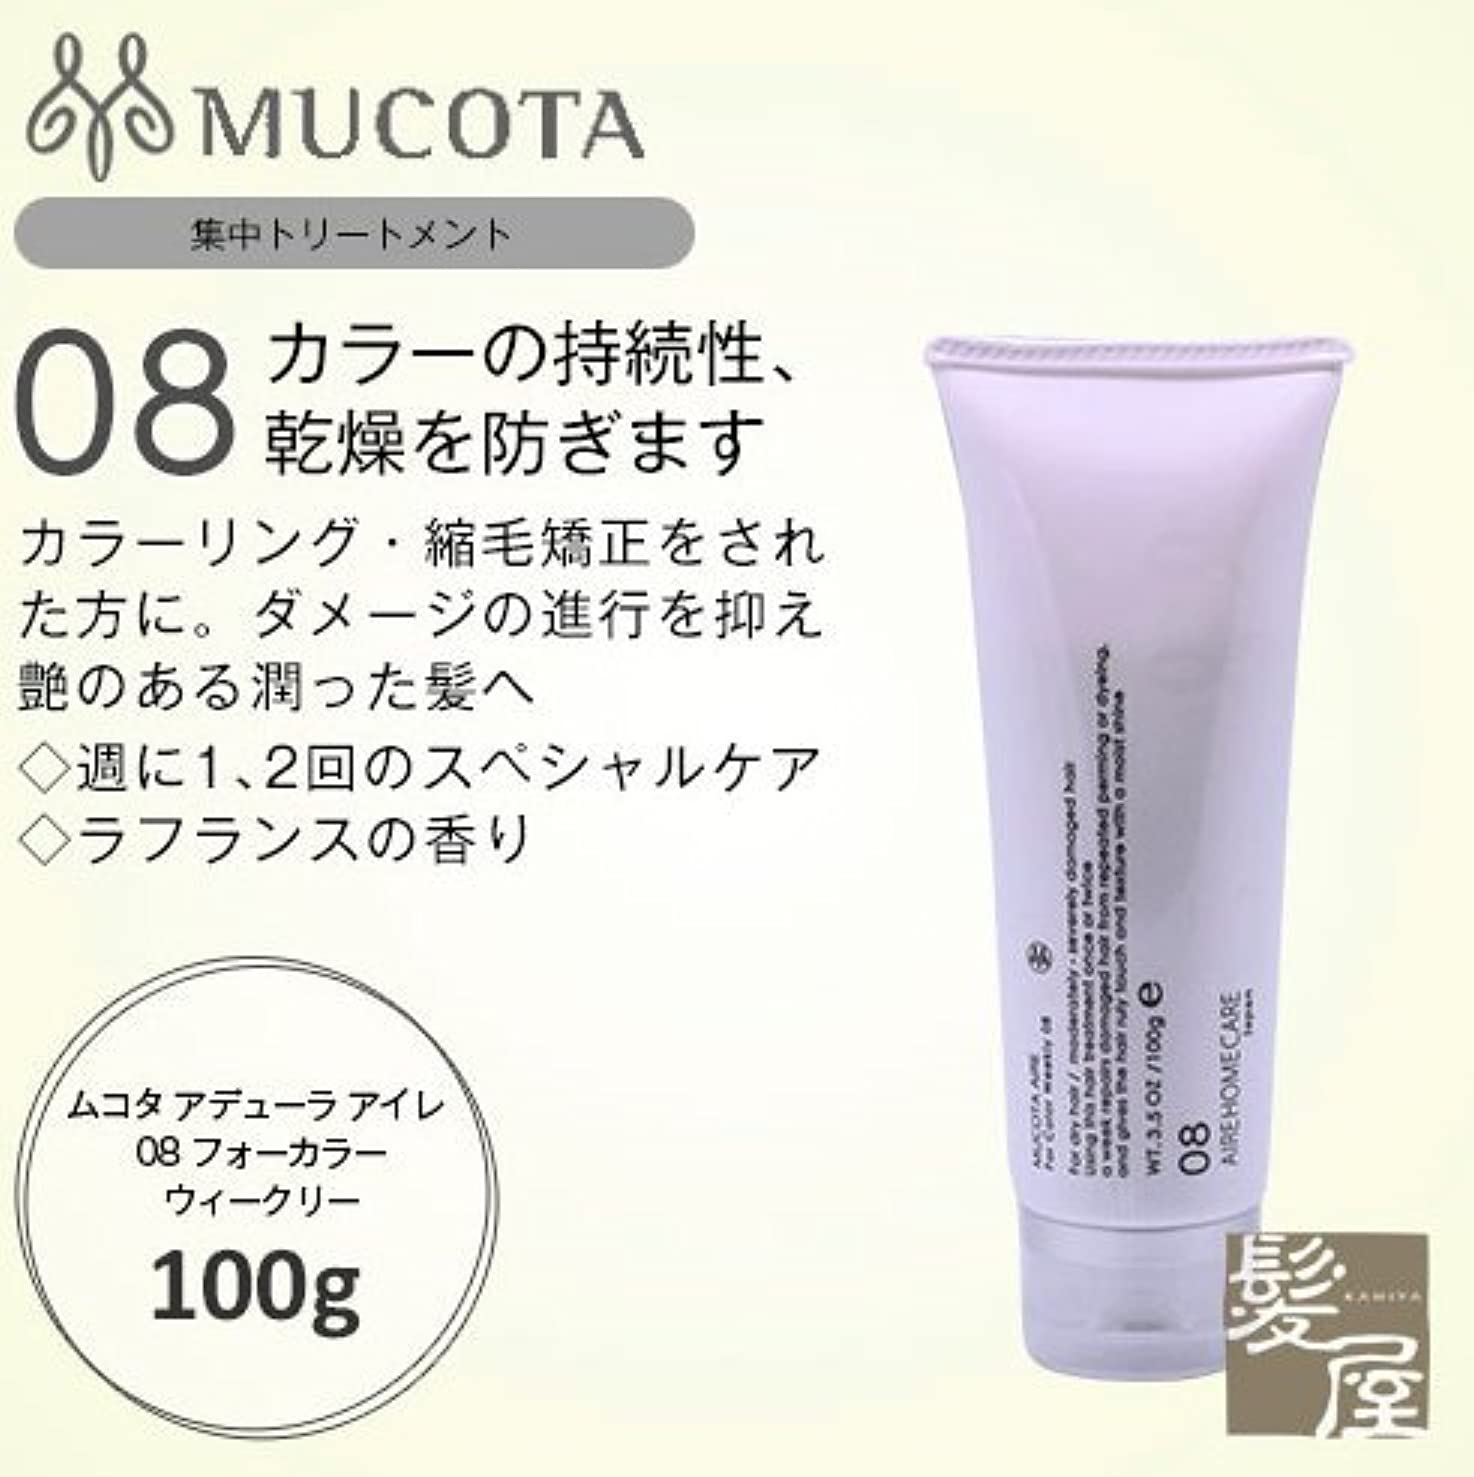 不承認関数提供するムコタ アデューラ アイレ08 フォー カラー ウィークリー 100g